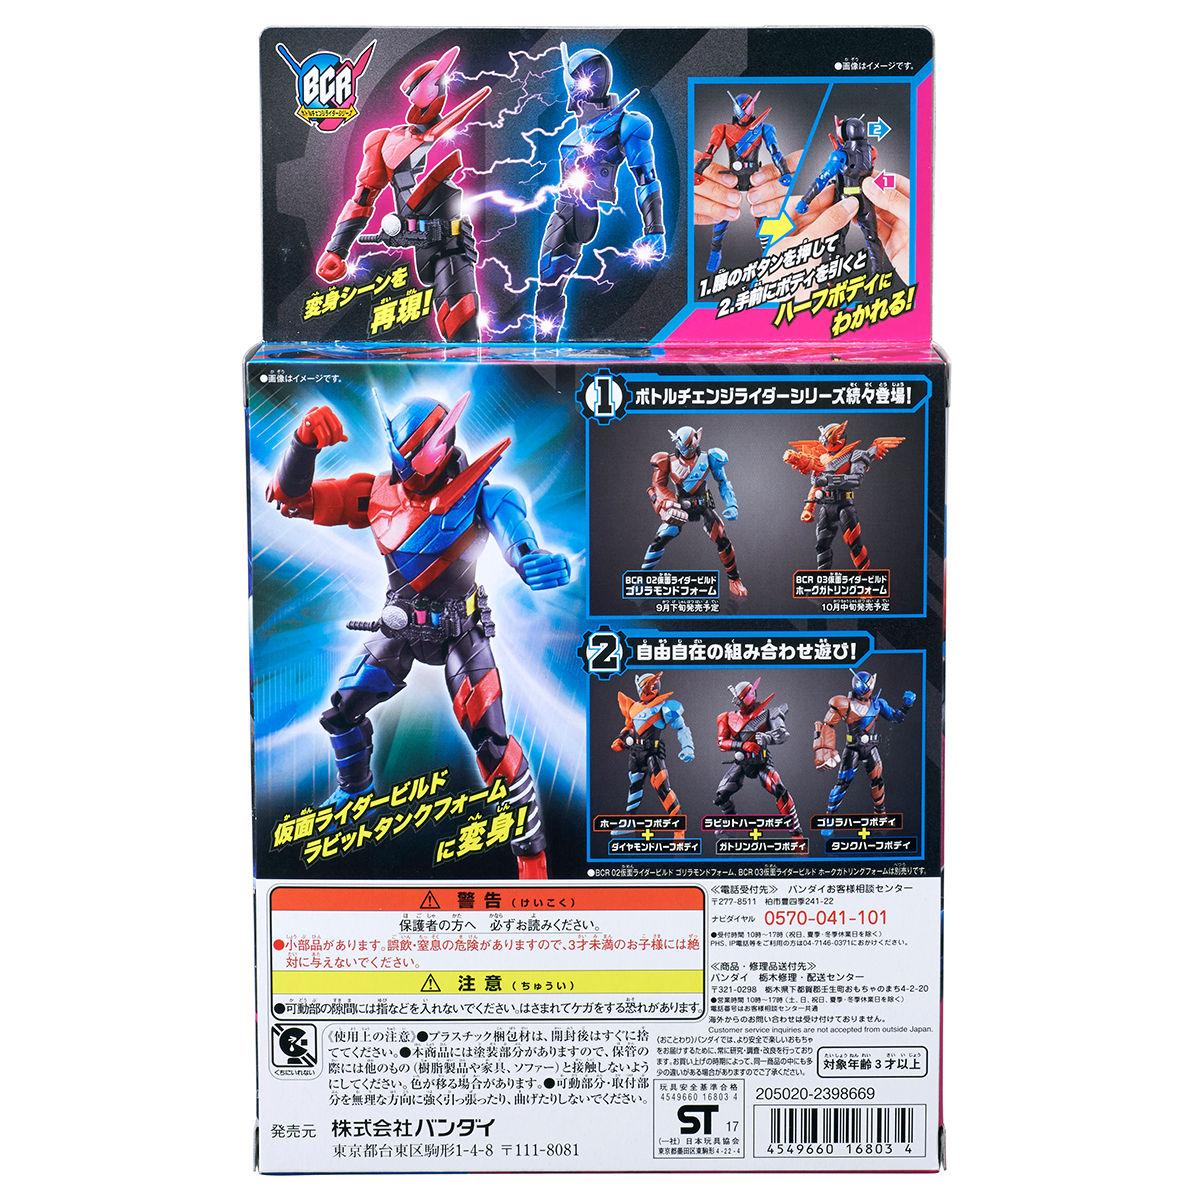 ボトルチェンジライダーシリーズ 01仮面ライダービルド ラビットタンクフォーム